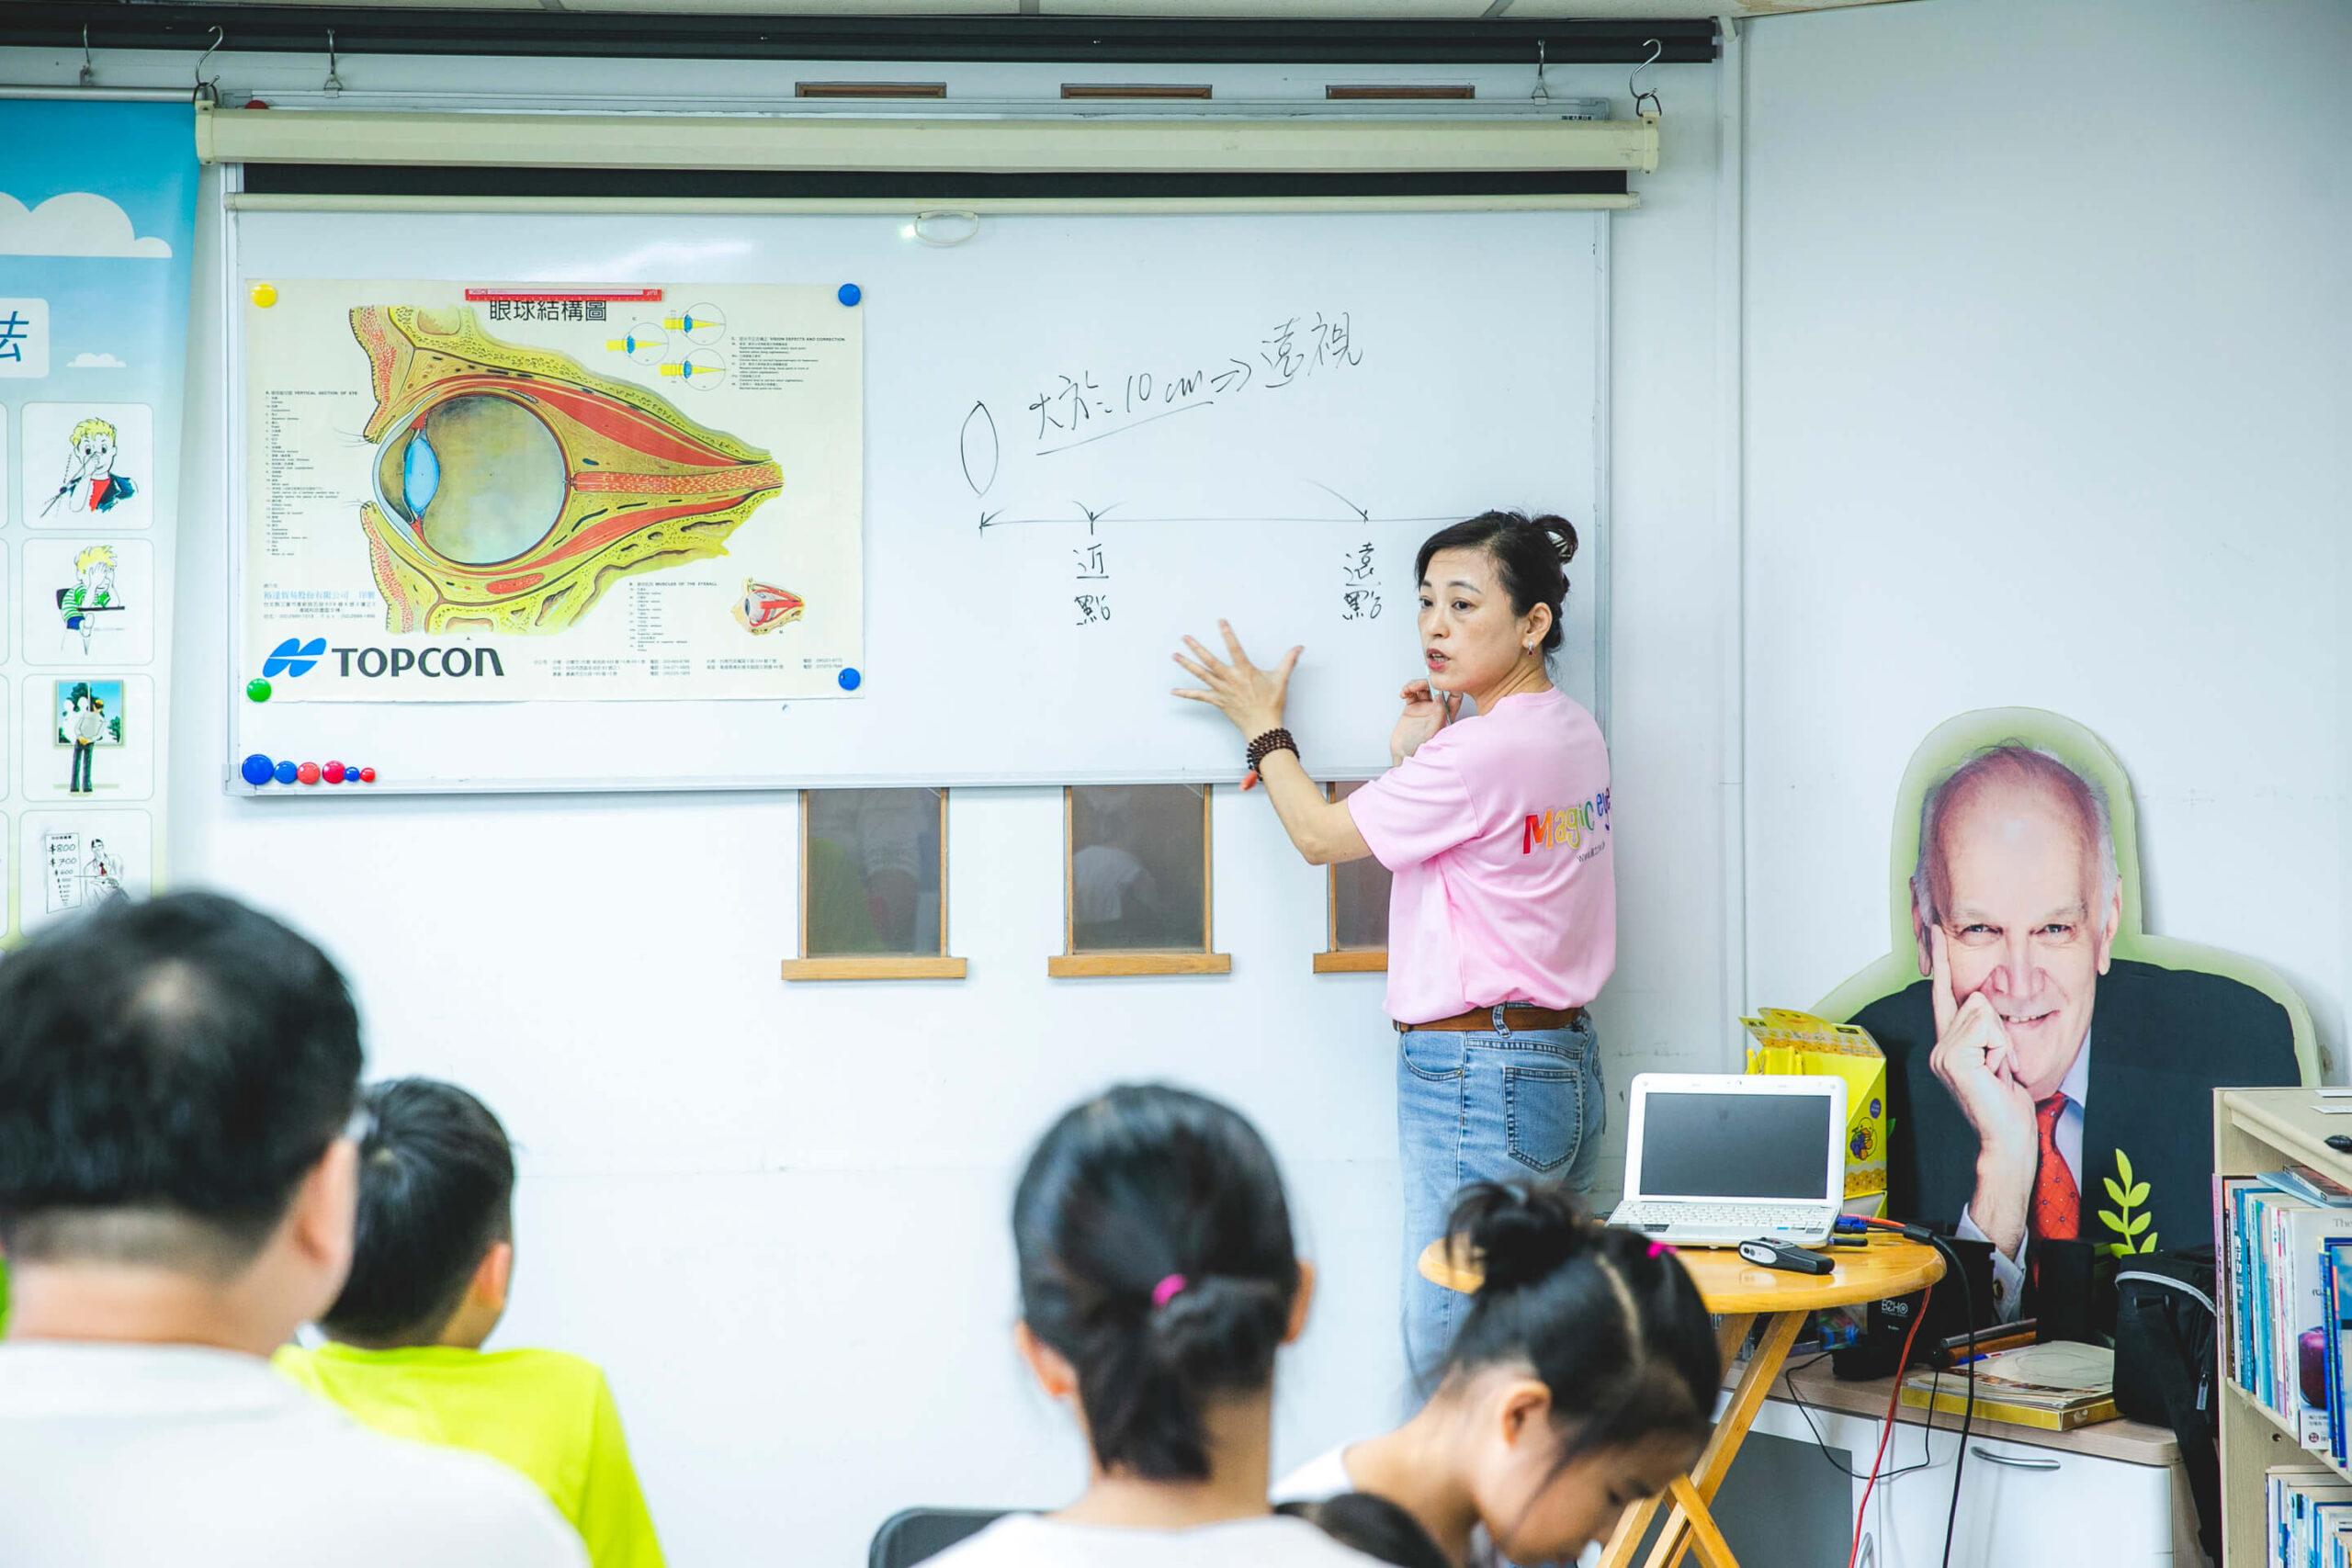 關於視力保健訓練課程的說明?